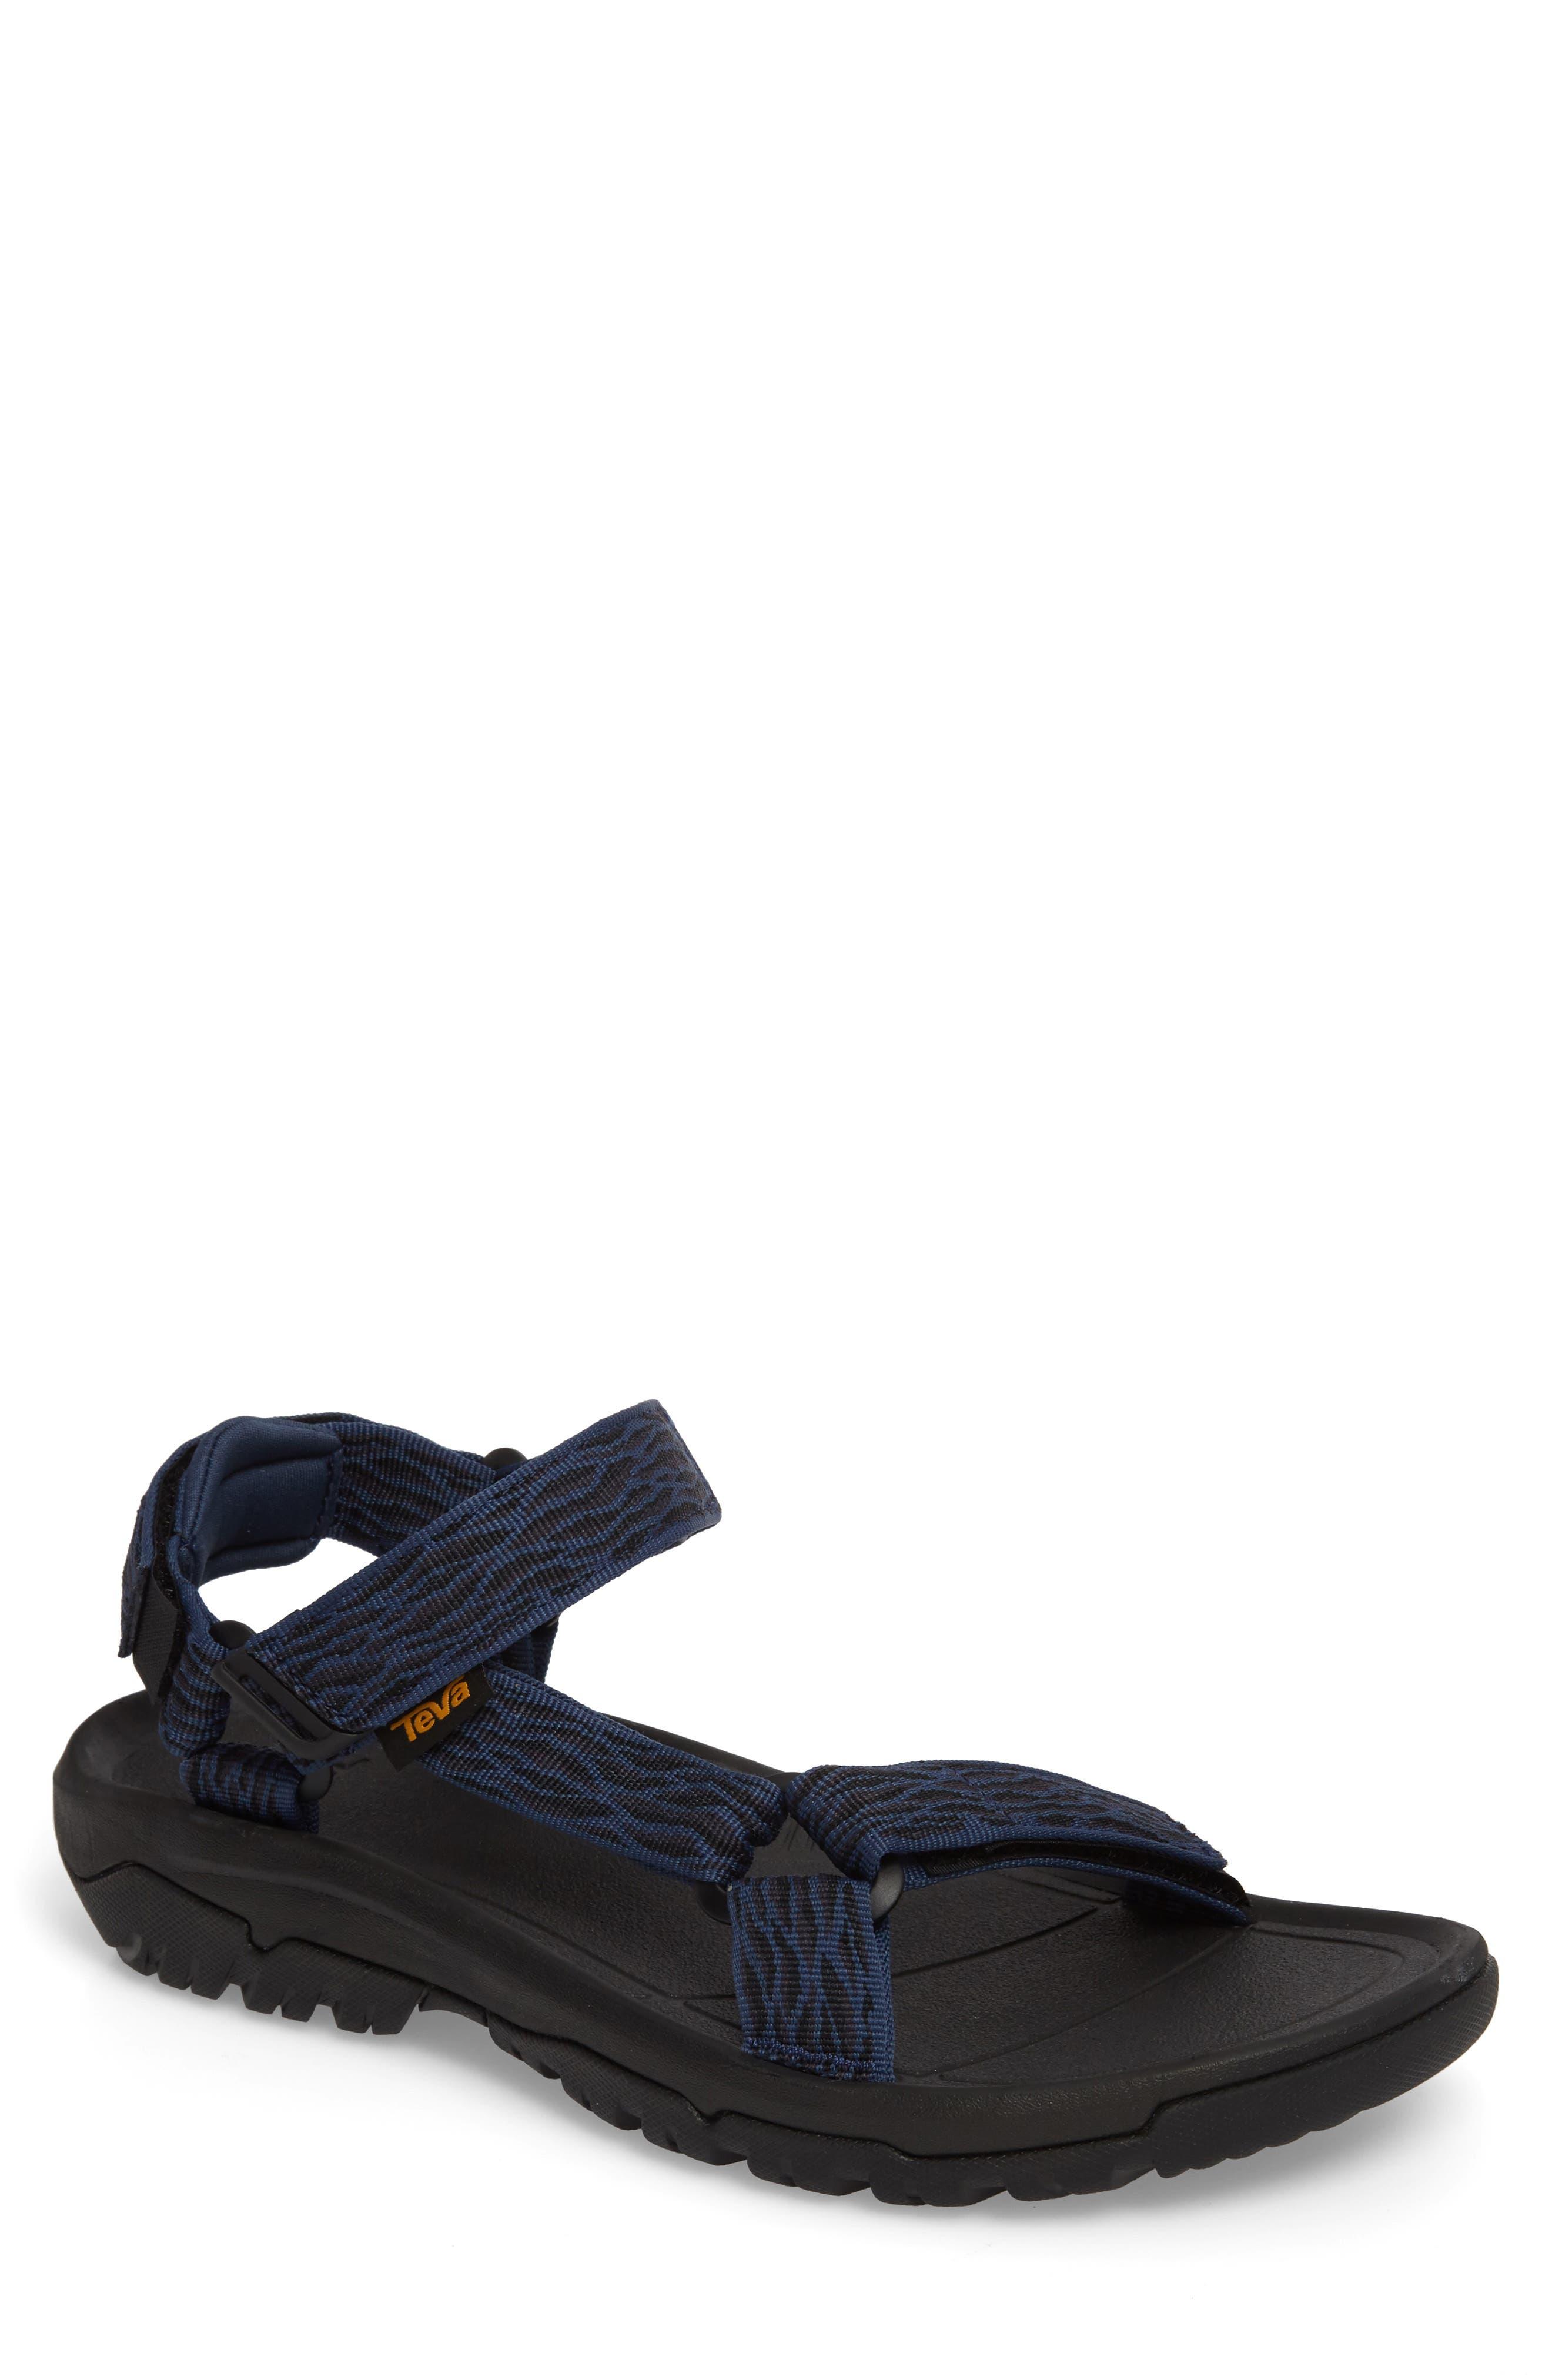 Teva Hurricane Xlt 2 Sandal, Blue